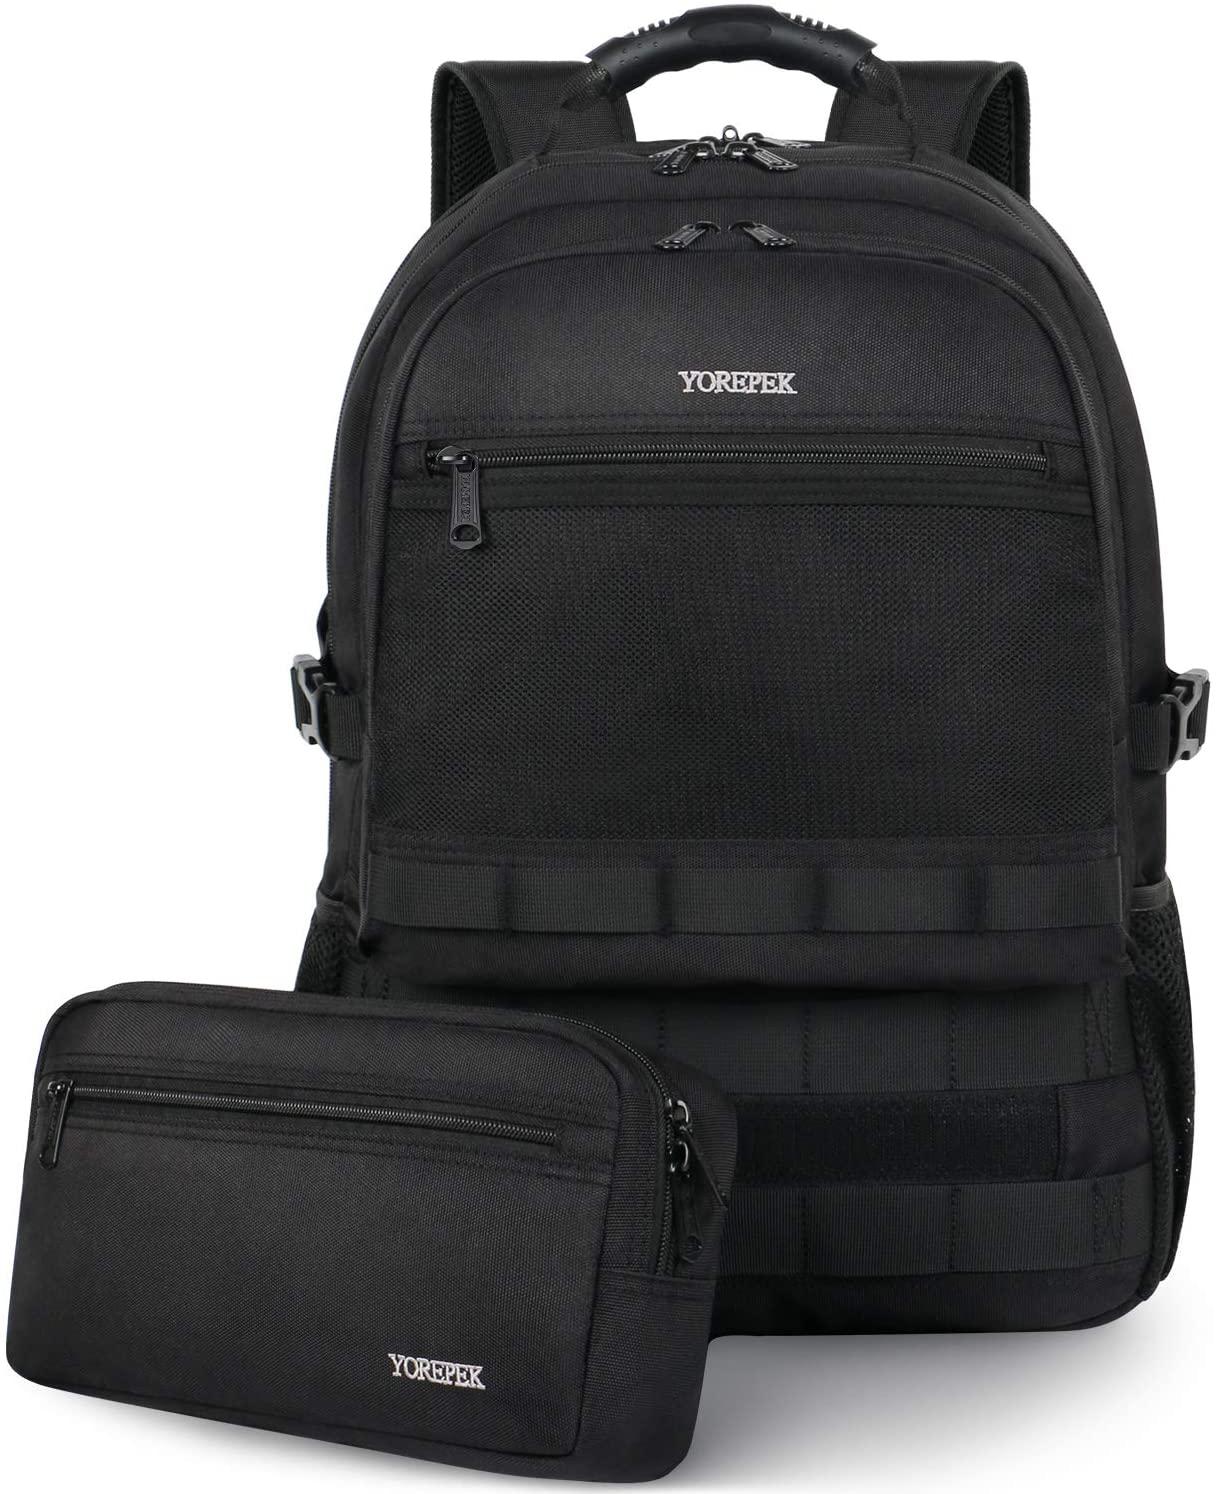 Torepek TSA Friendly Laptop Backpack